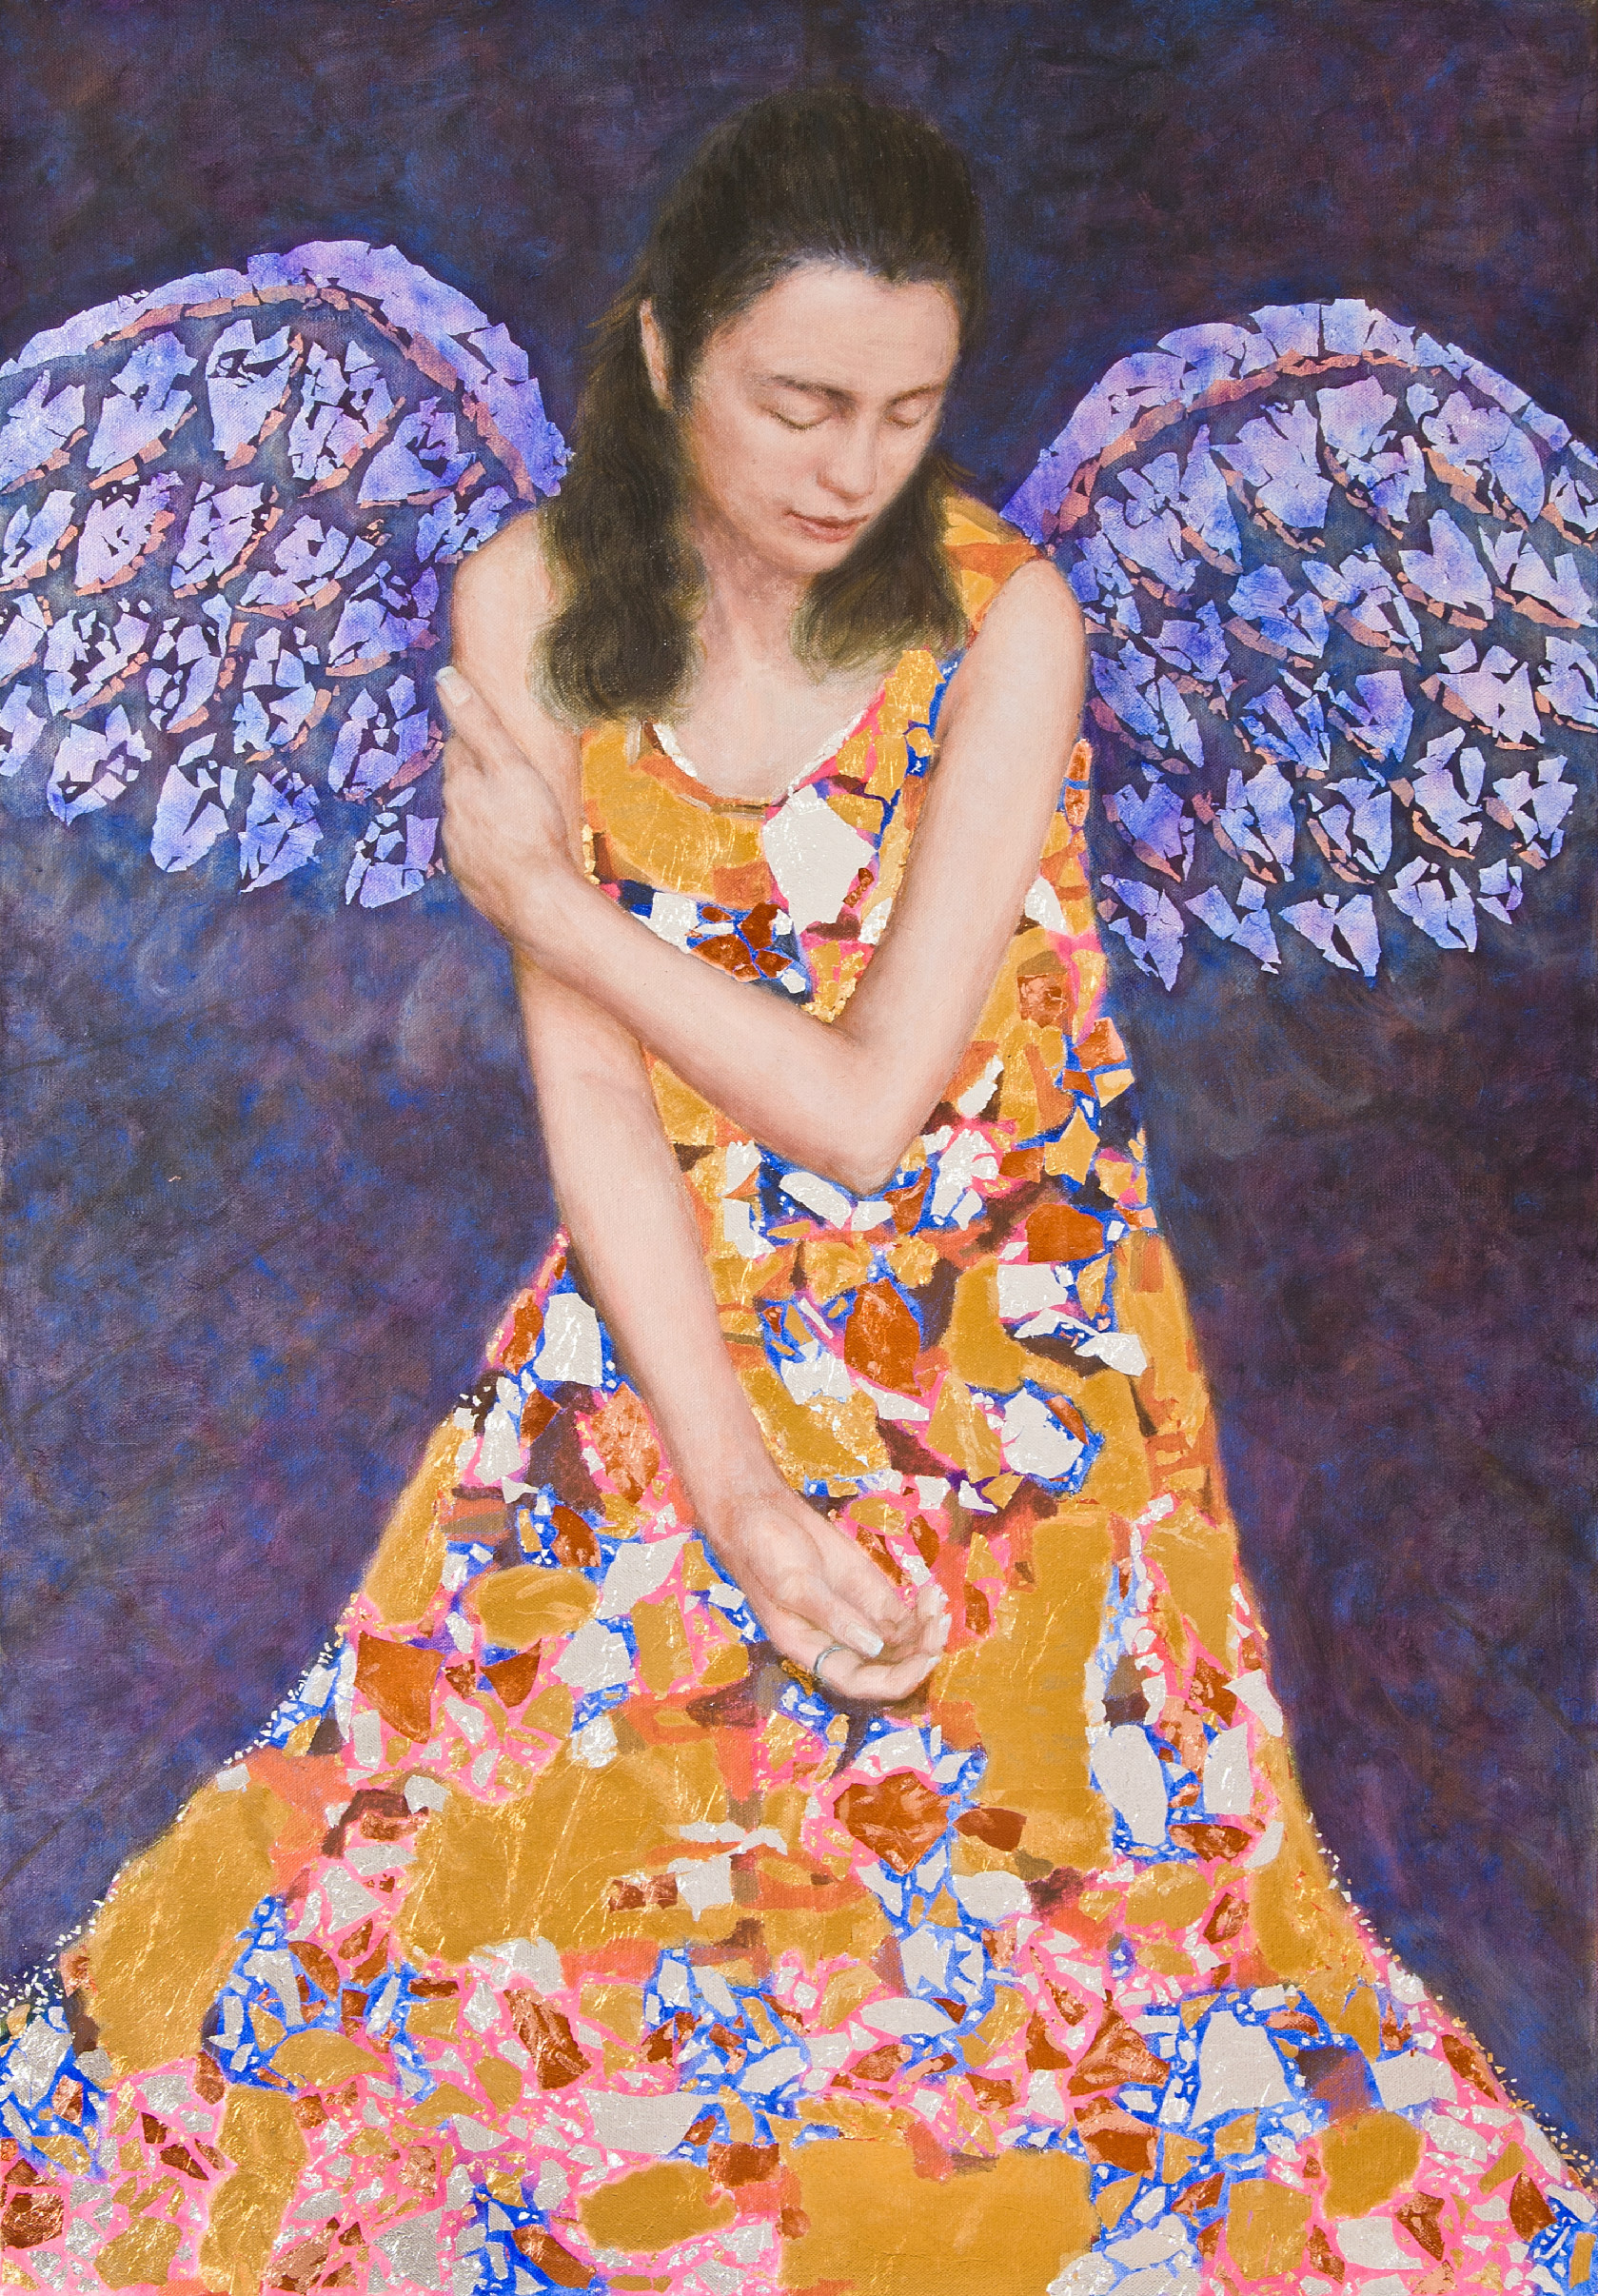 'Angel'   oil on linen, gold leaf, silver leaf, cooper leaf  year: 2009  size: 1000 x 700mm